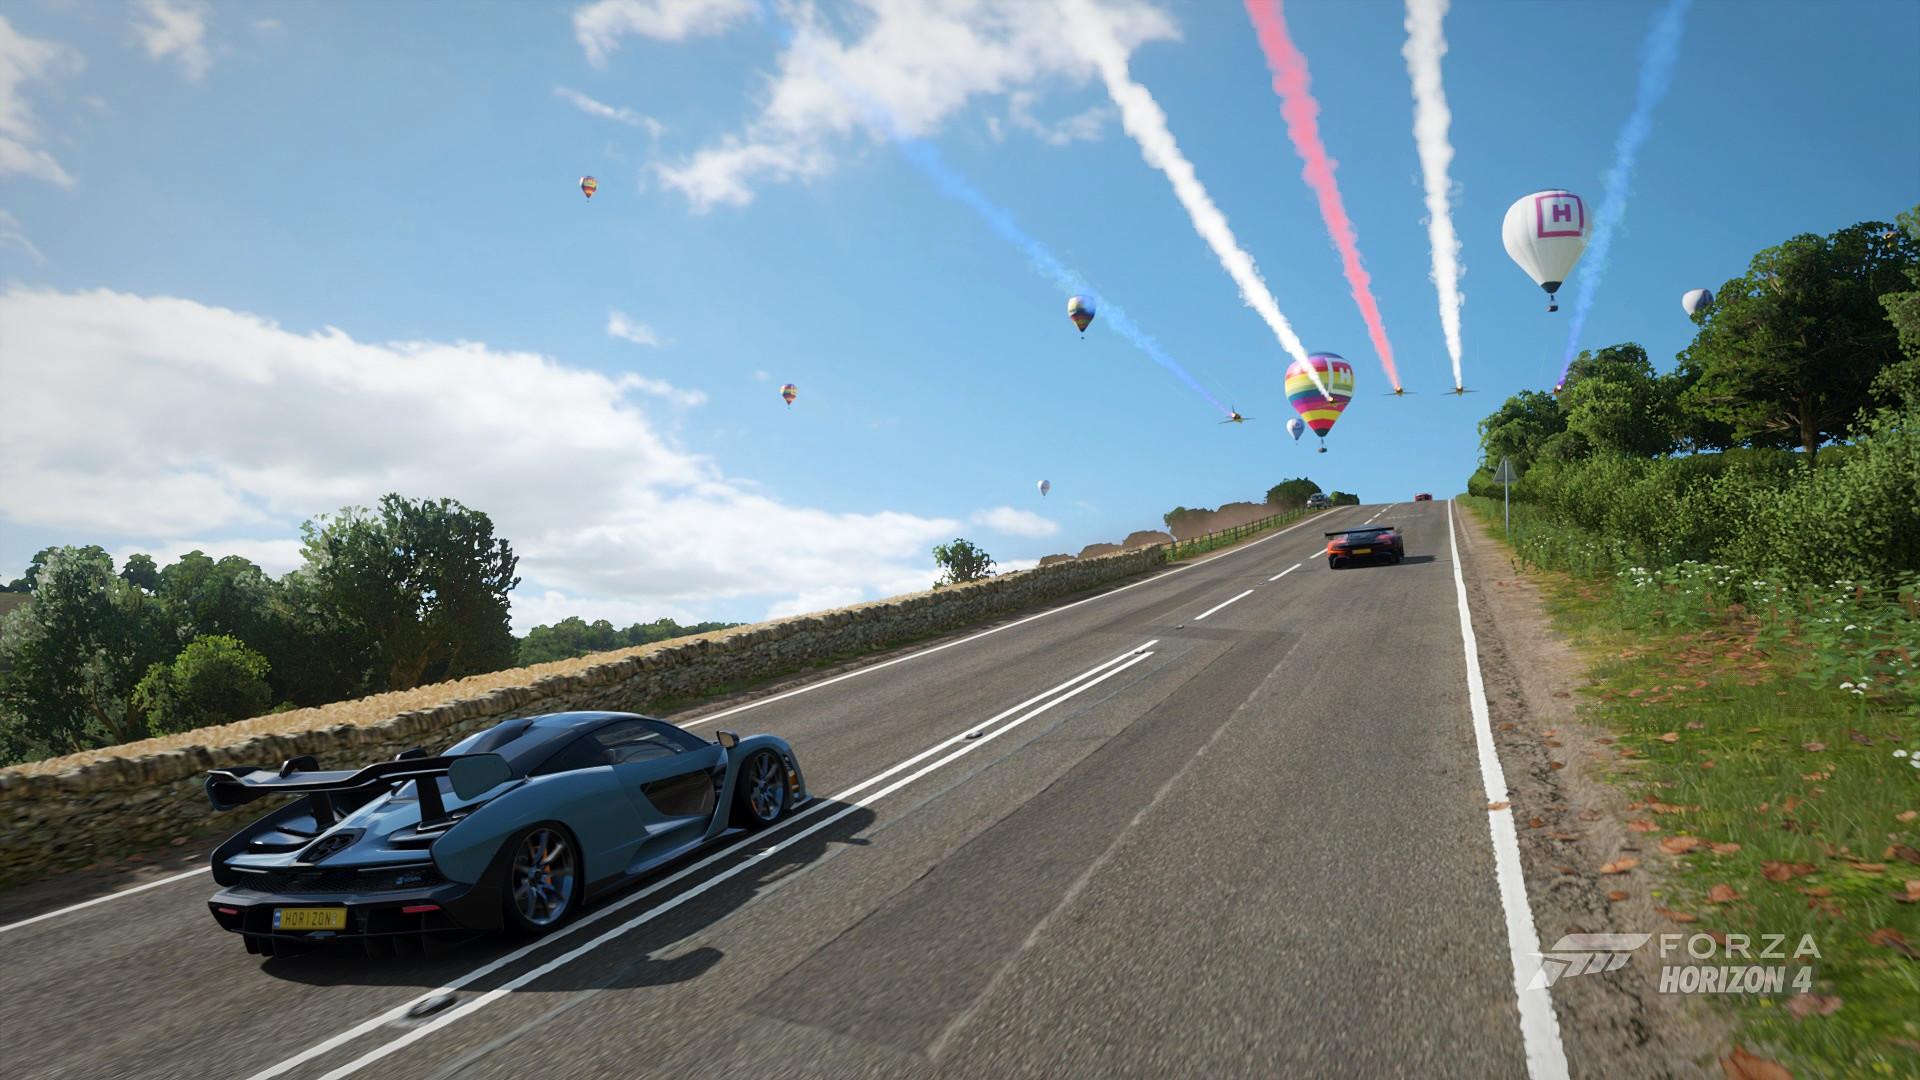 ArtStation - Forza Horizon 4 : E3 Demo & Initial Experience